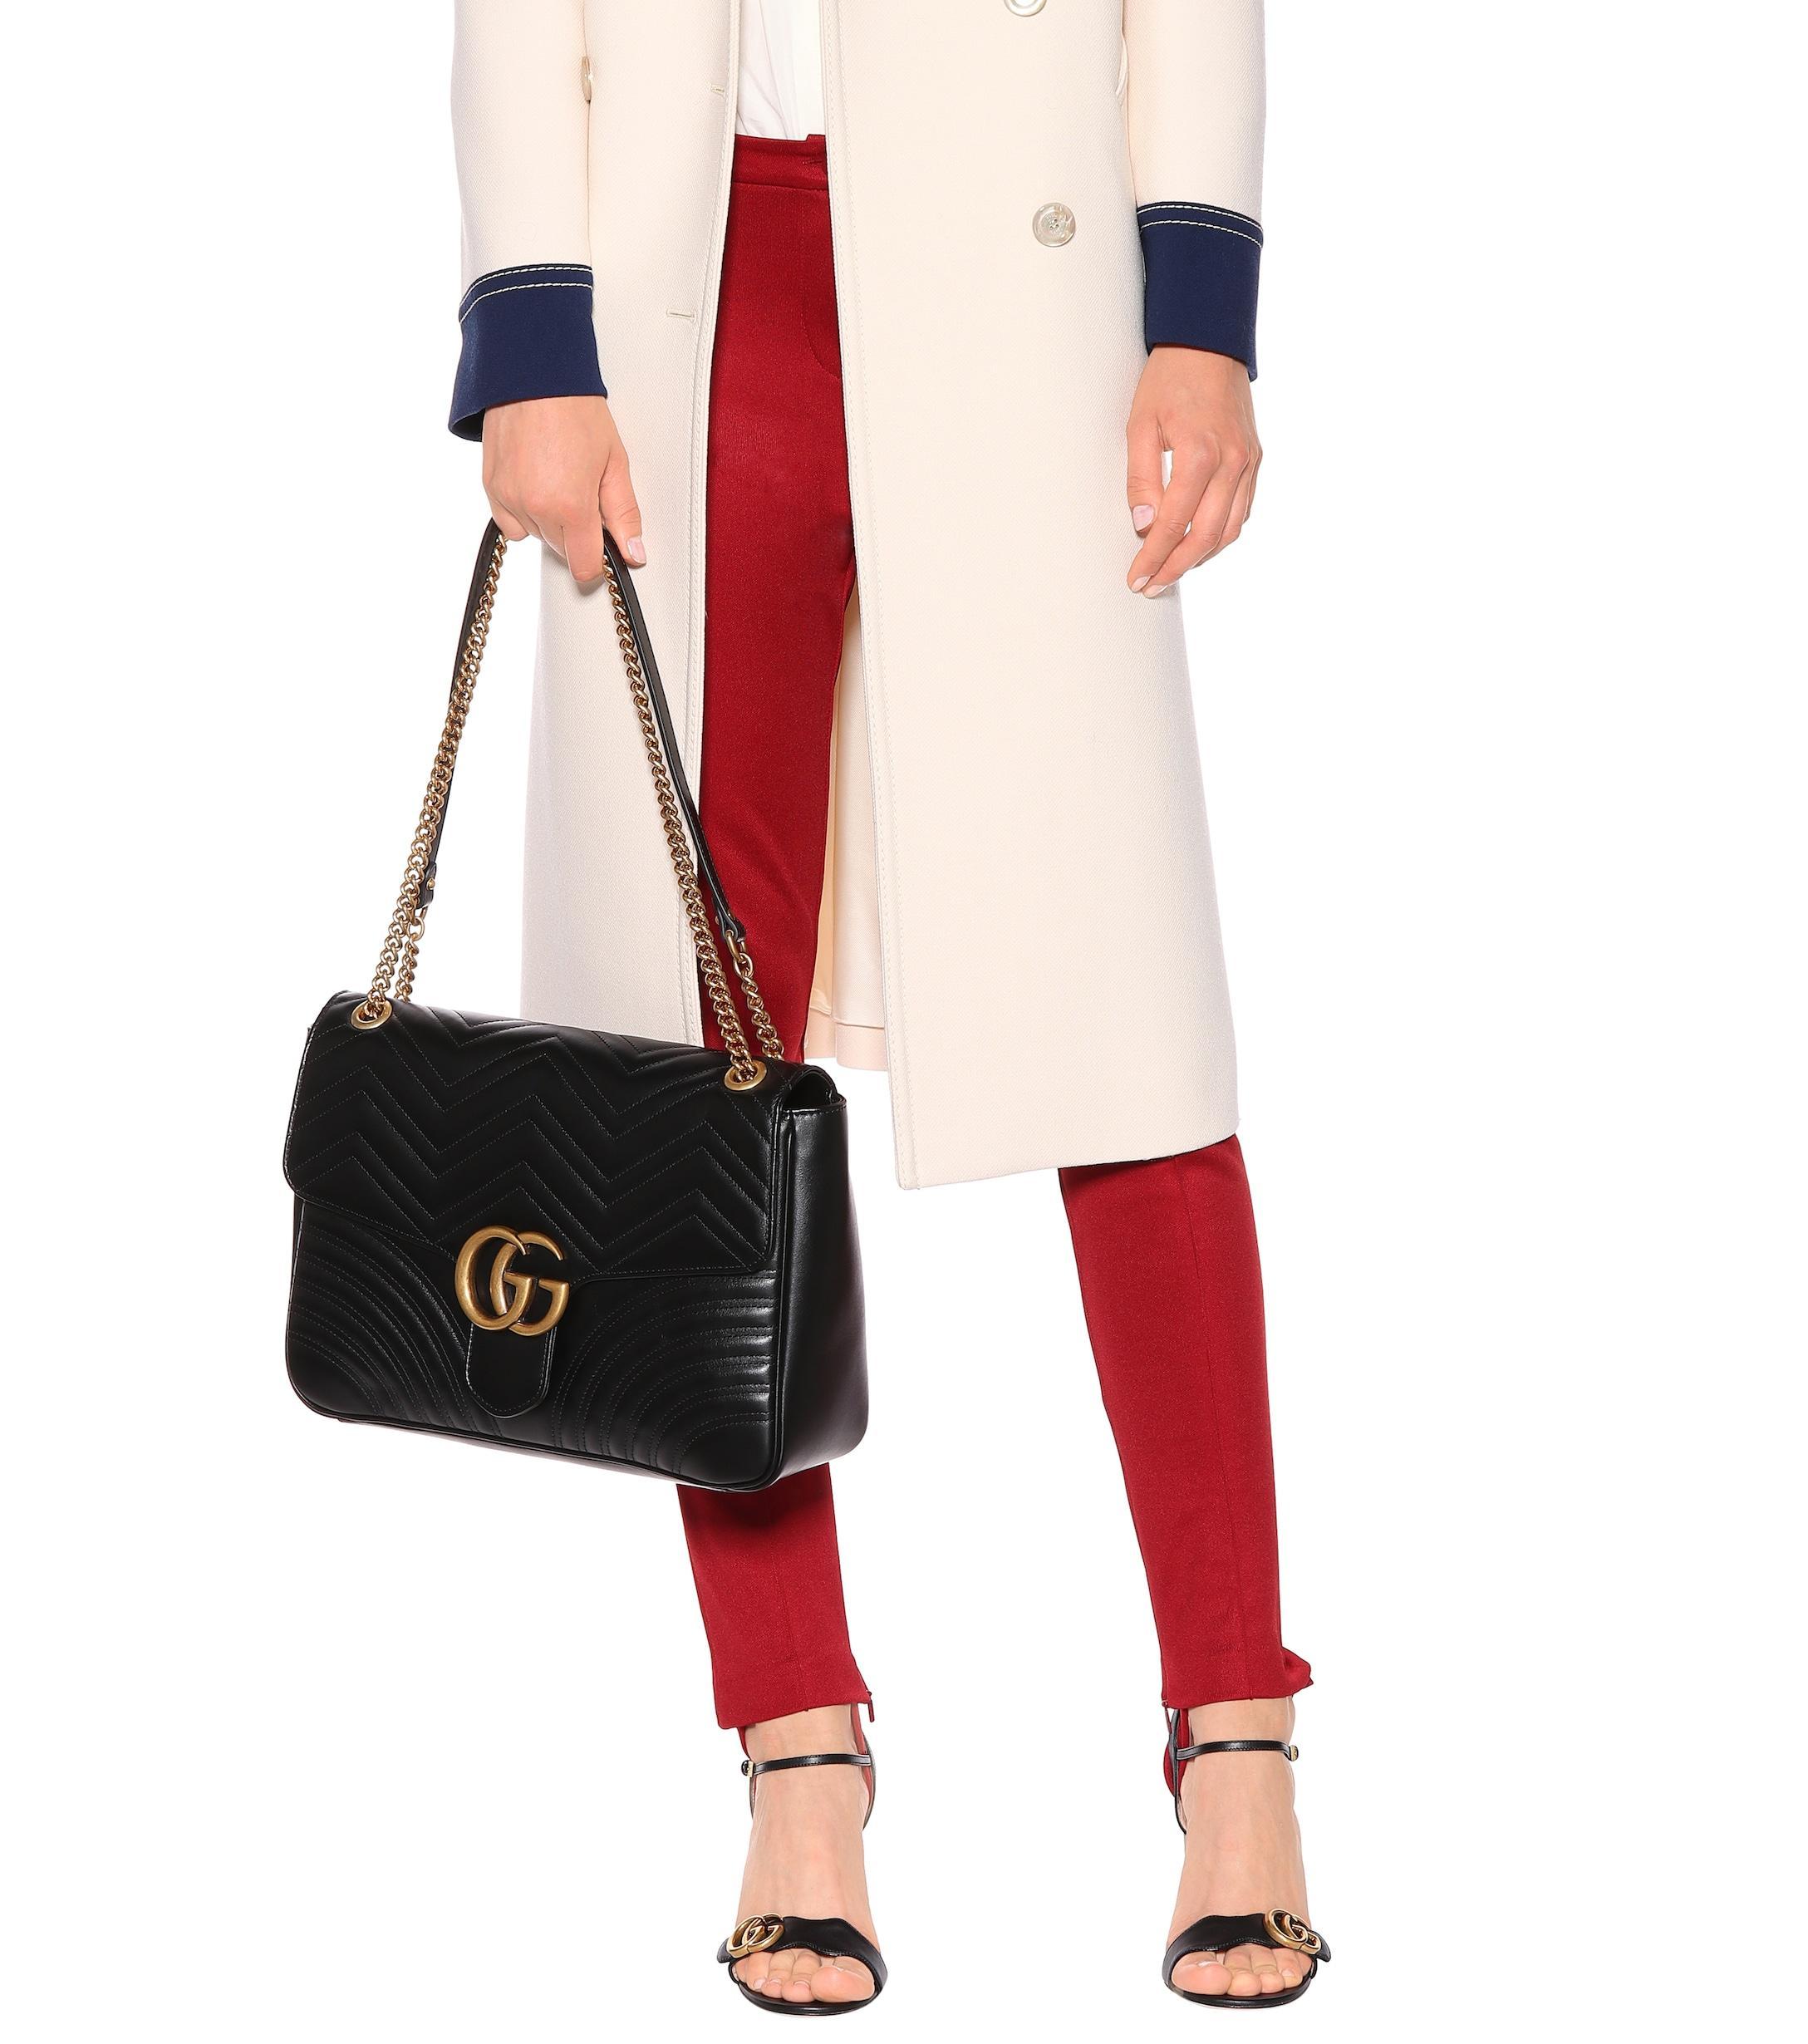 d18e87fd1ec885 Gucci - Black GG Marmont Large Shoulder Bag - Lyst. View fullscreen